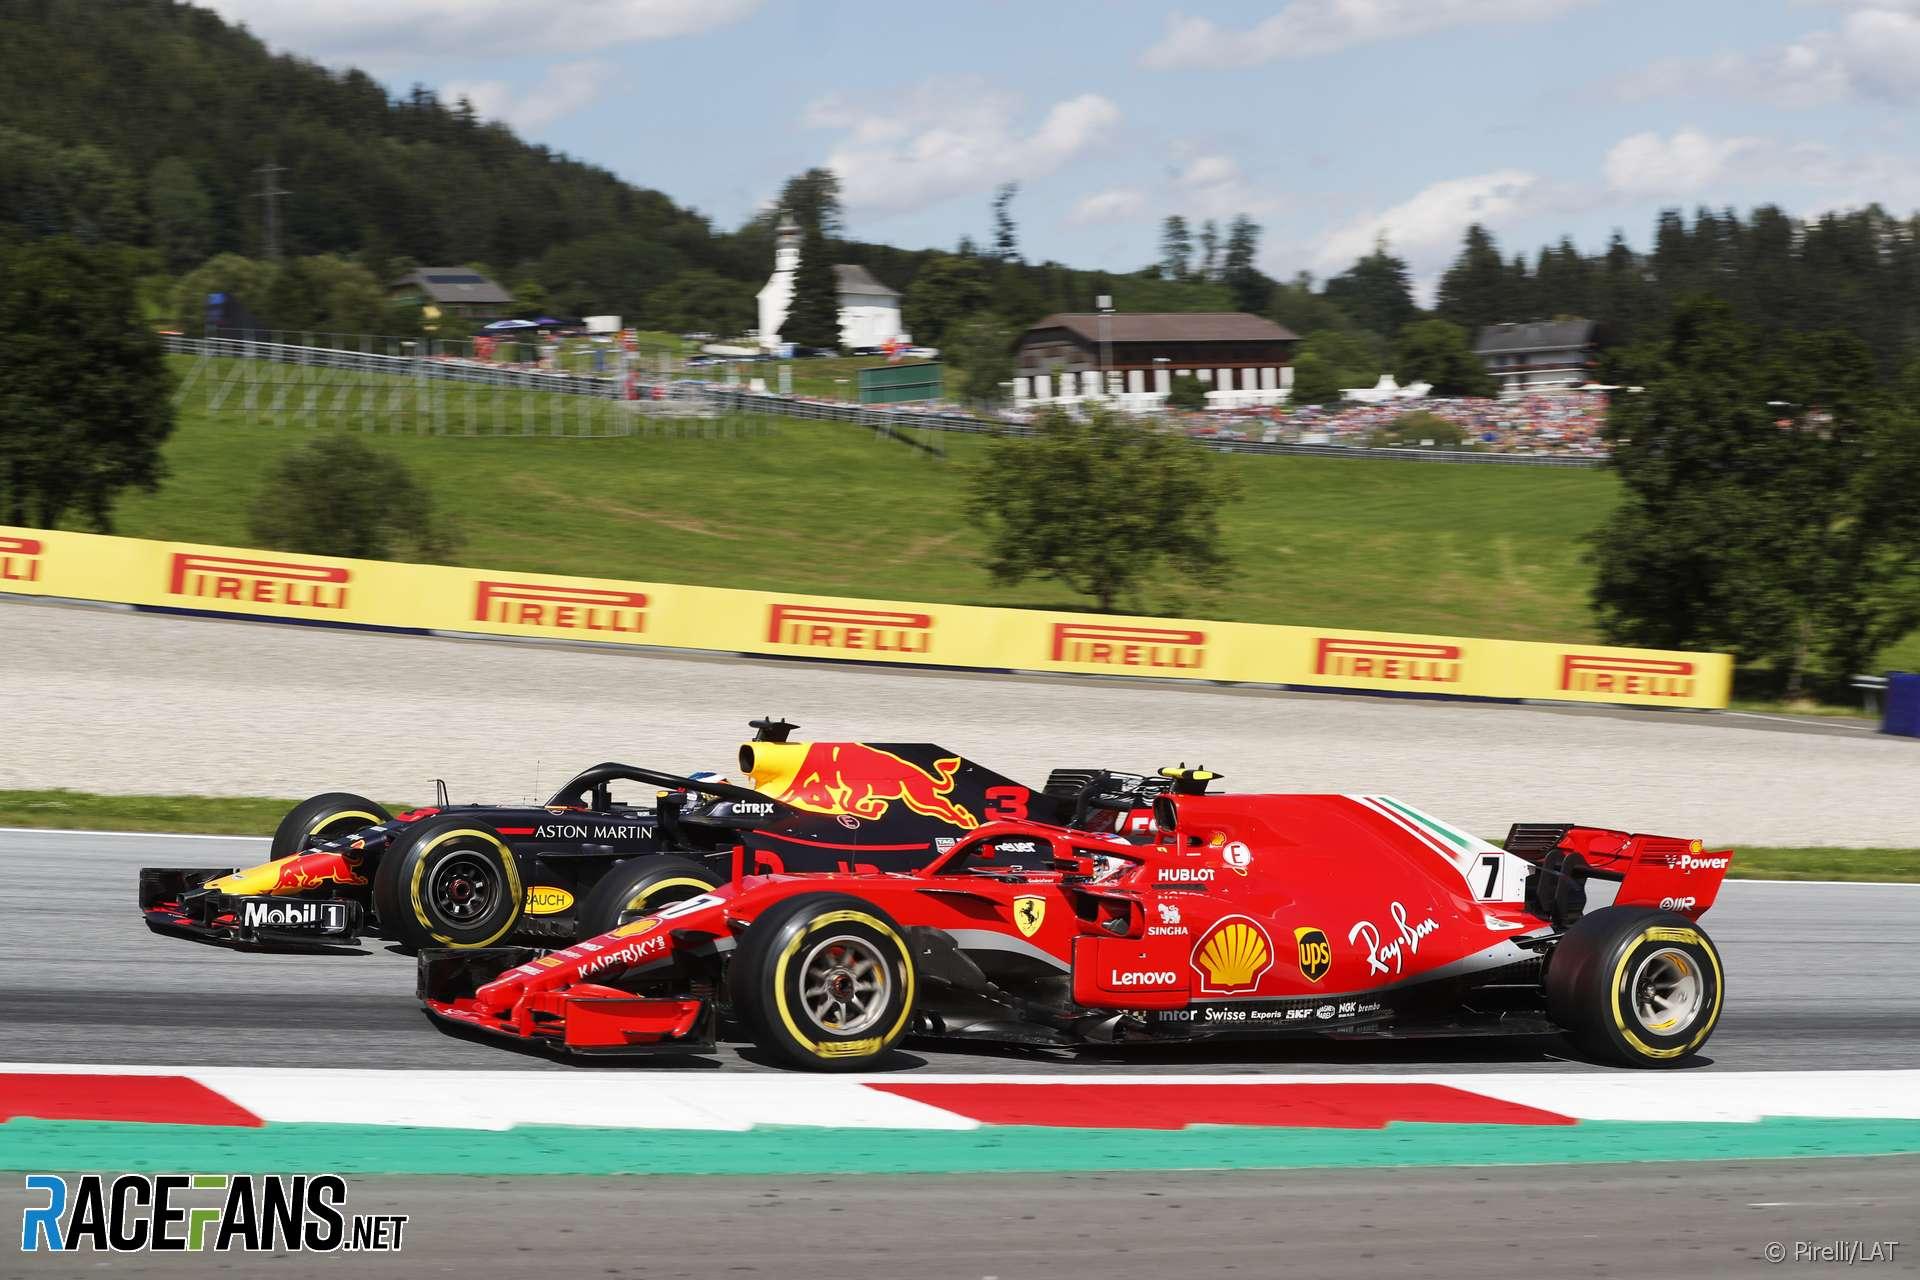 Max Verstappen, Kimi Raikkonen, Red Bull Ring, 2018